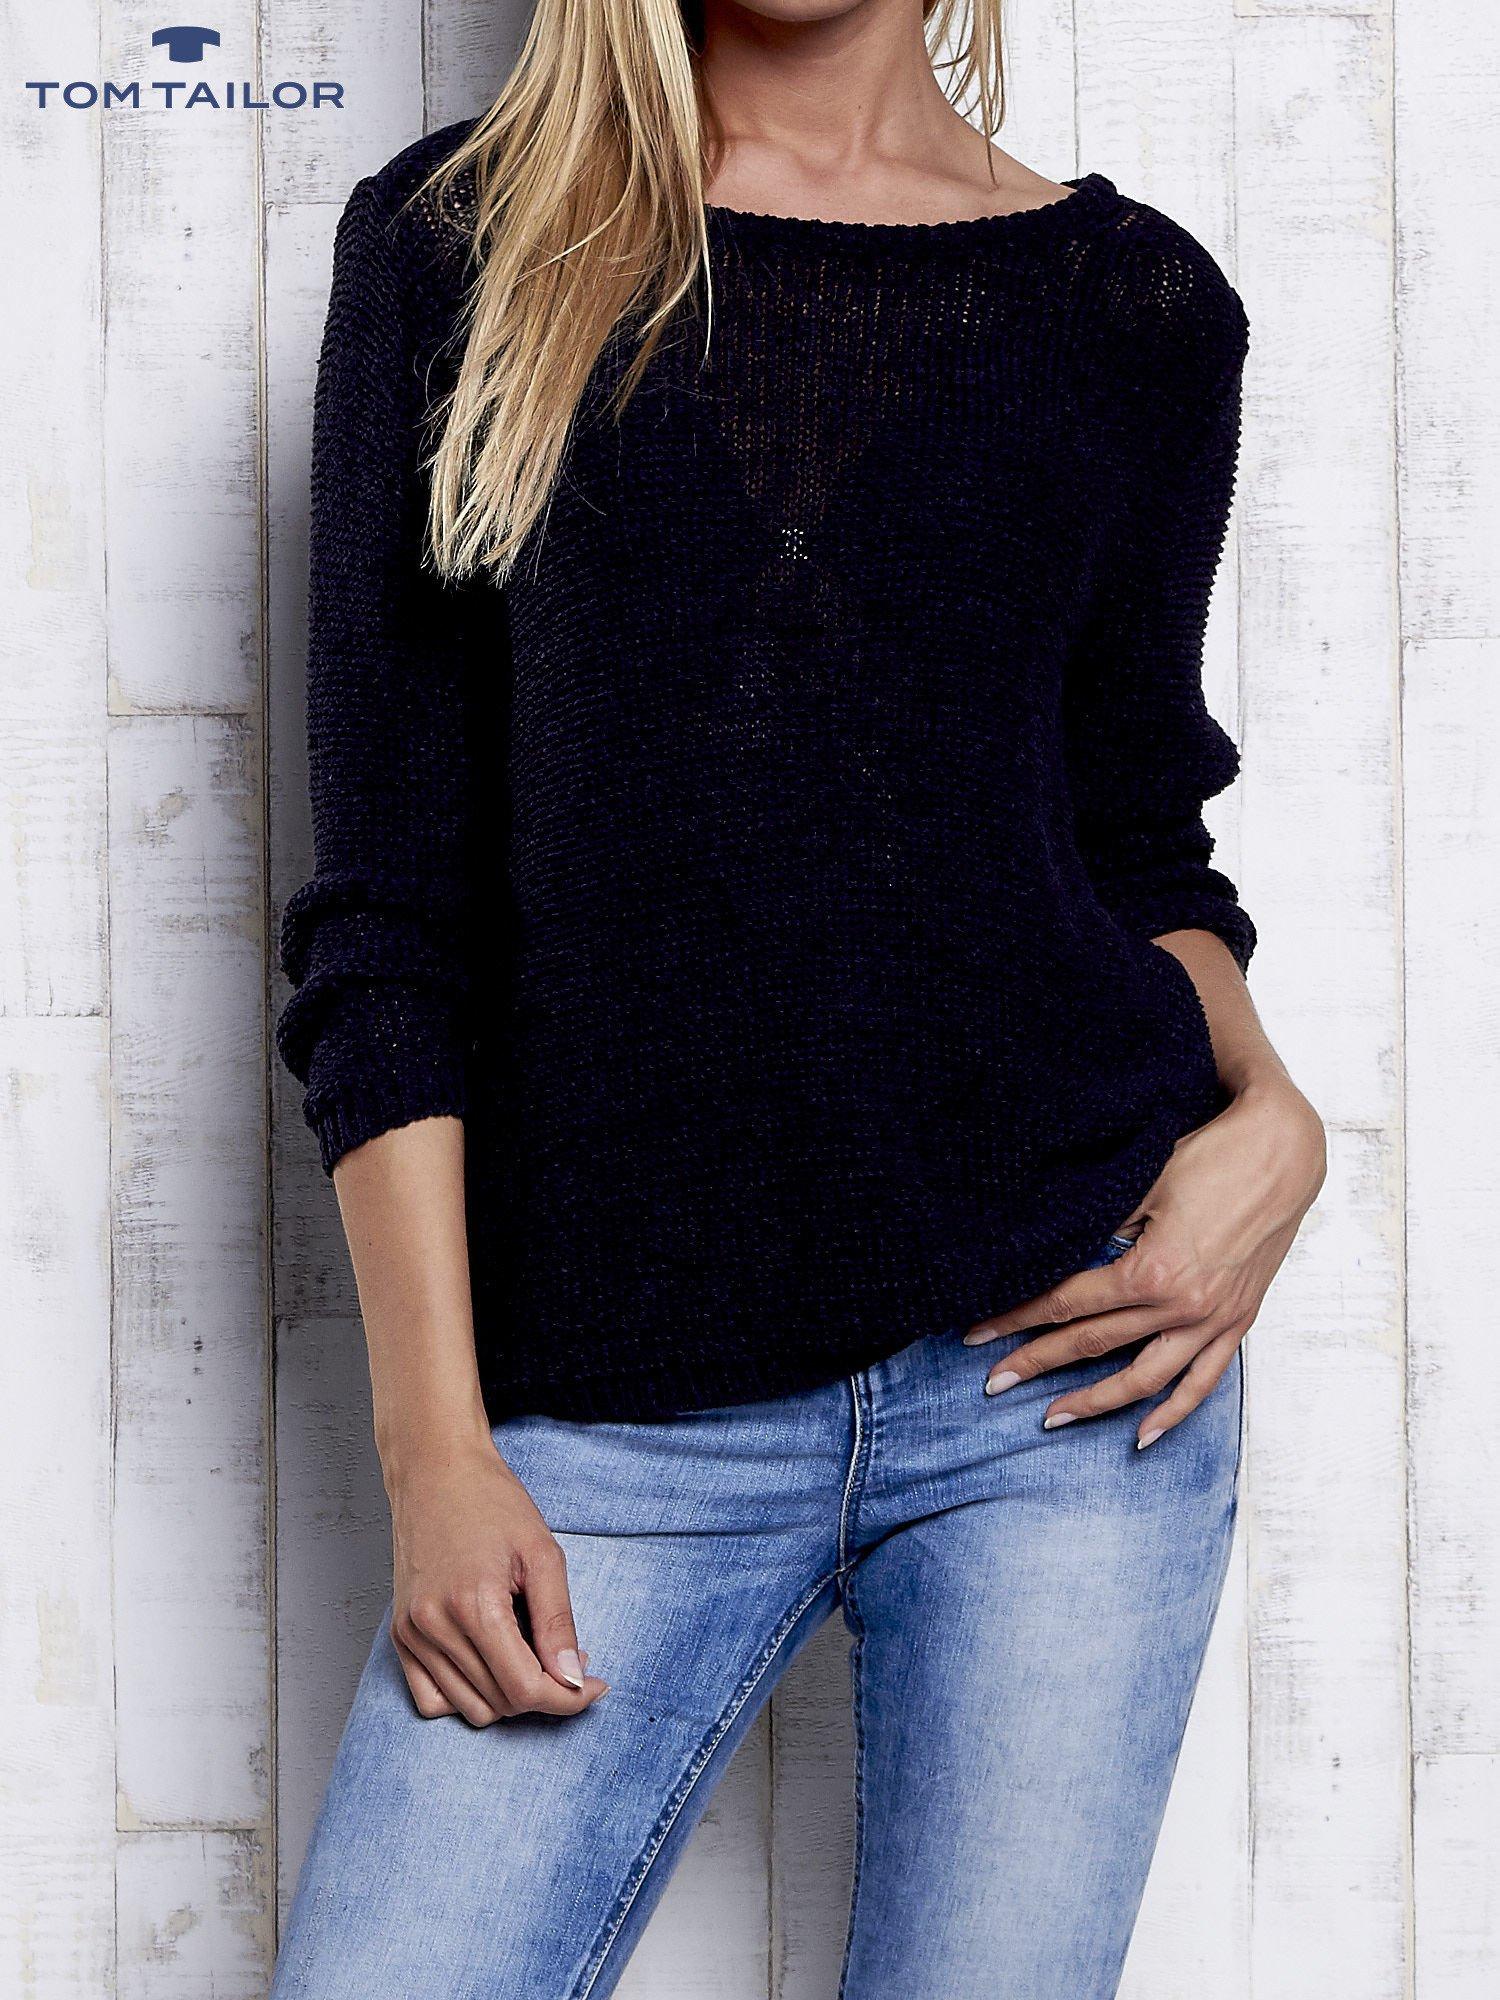 TOM TAILOR Granatowy sweter z kokardą na plecach                                  zdj.                                  1